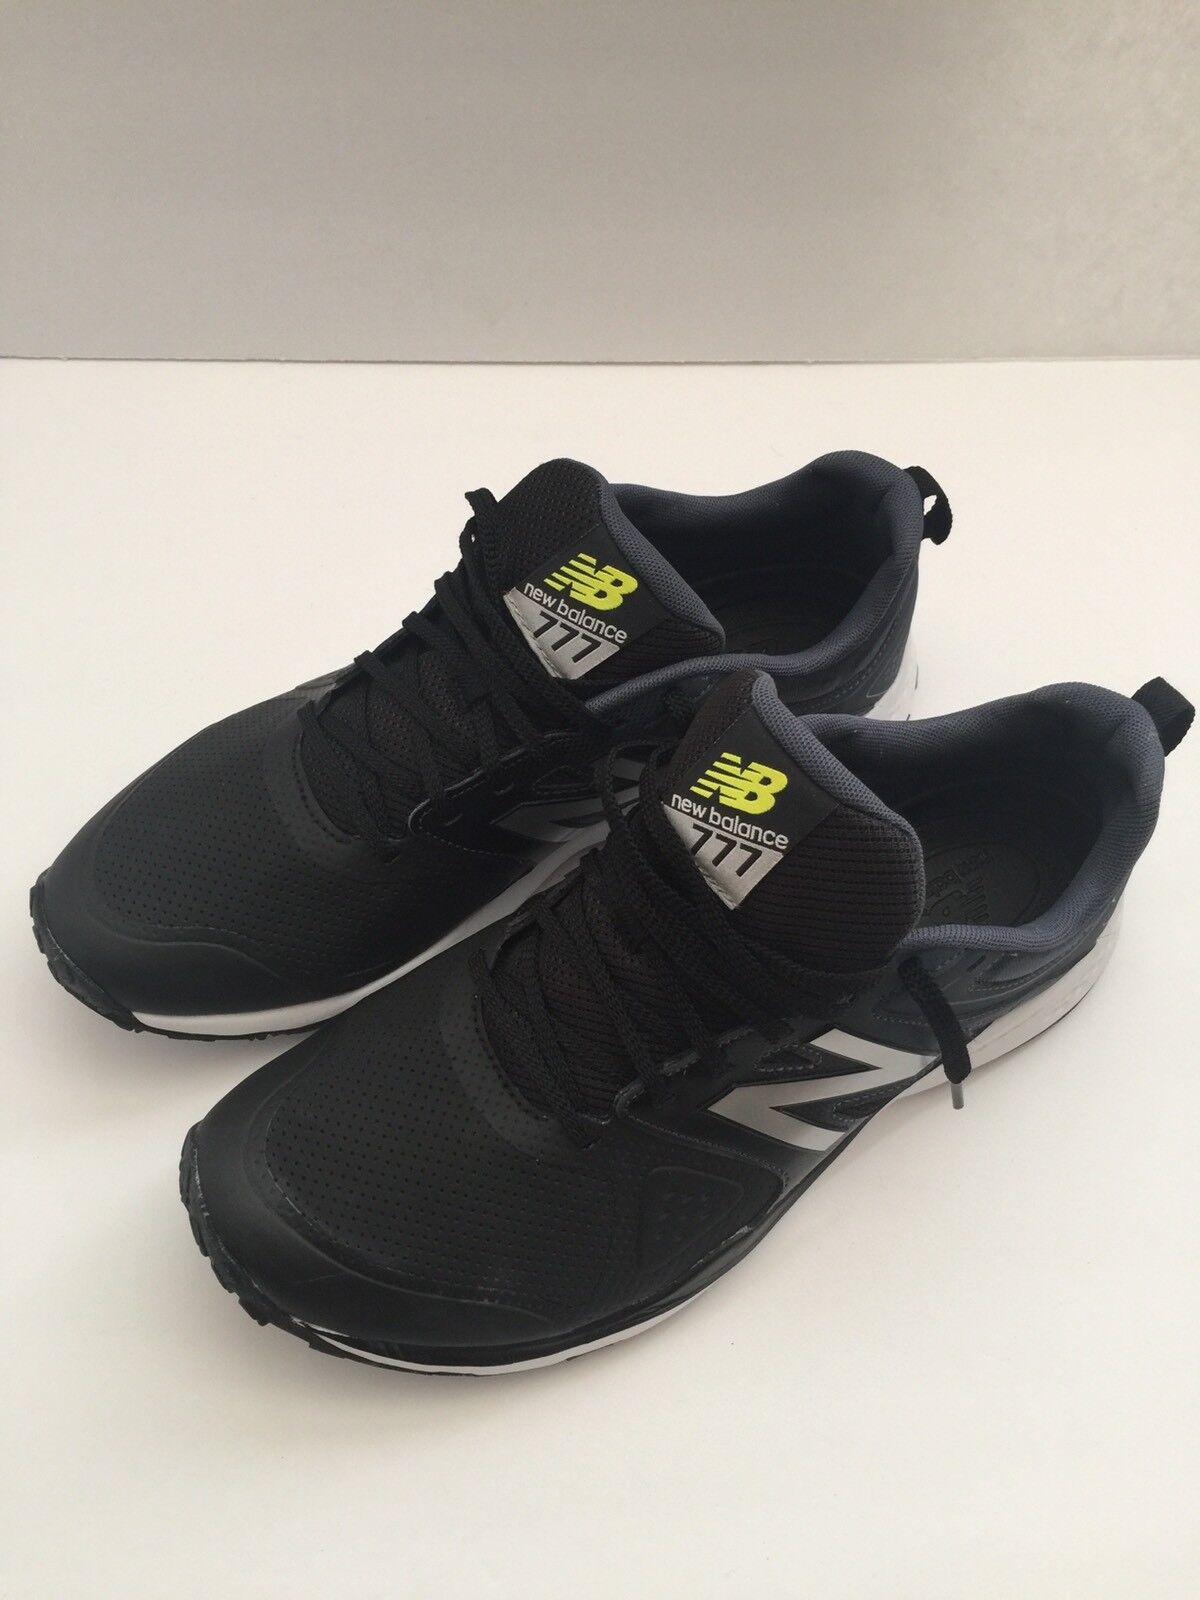 New, New Balance, MX777BF scarpe scarpe scarpe da ginnastica, nero, Dimensione 10.5 M (D) def55e